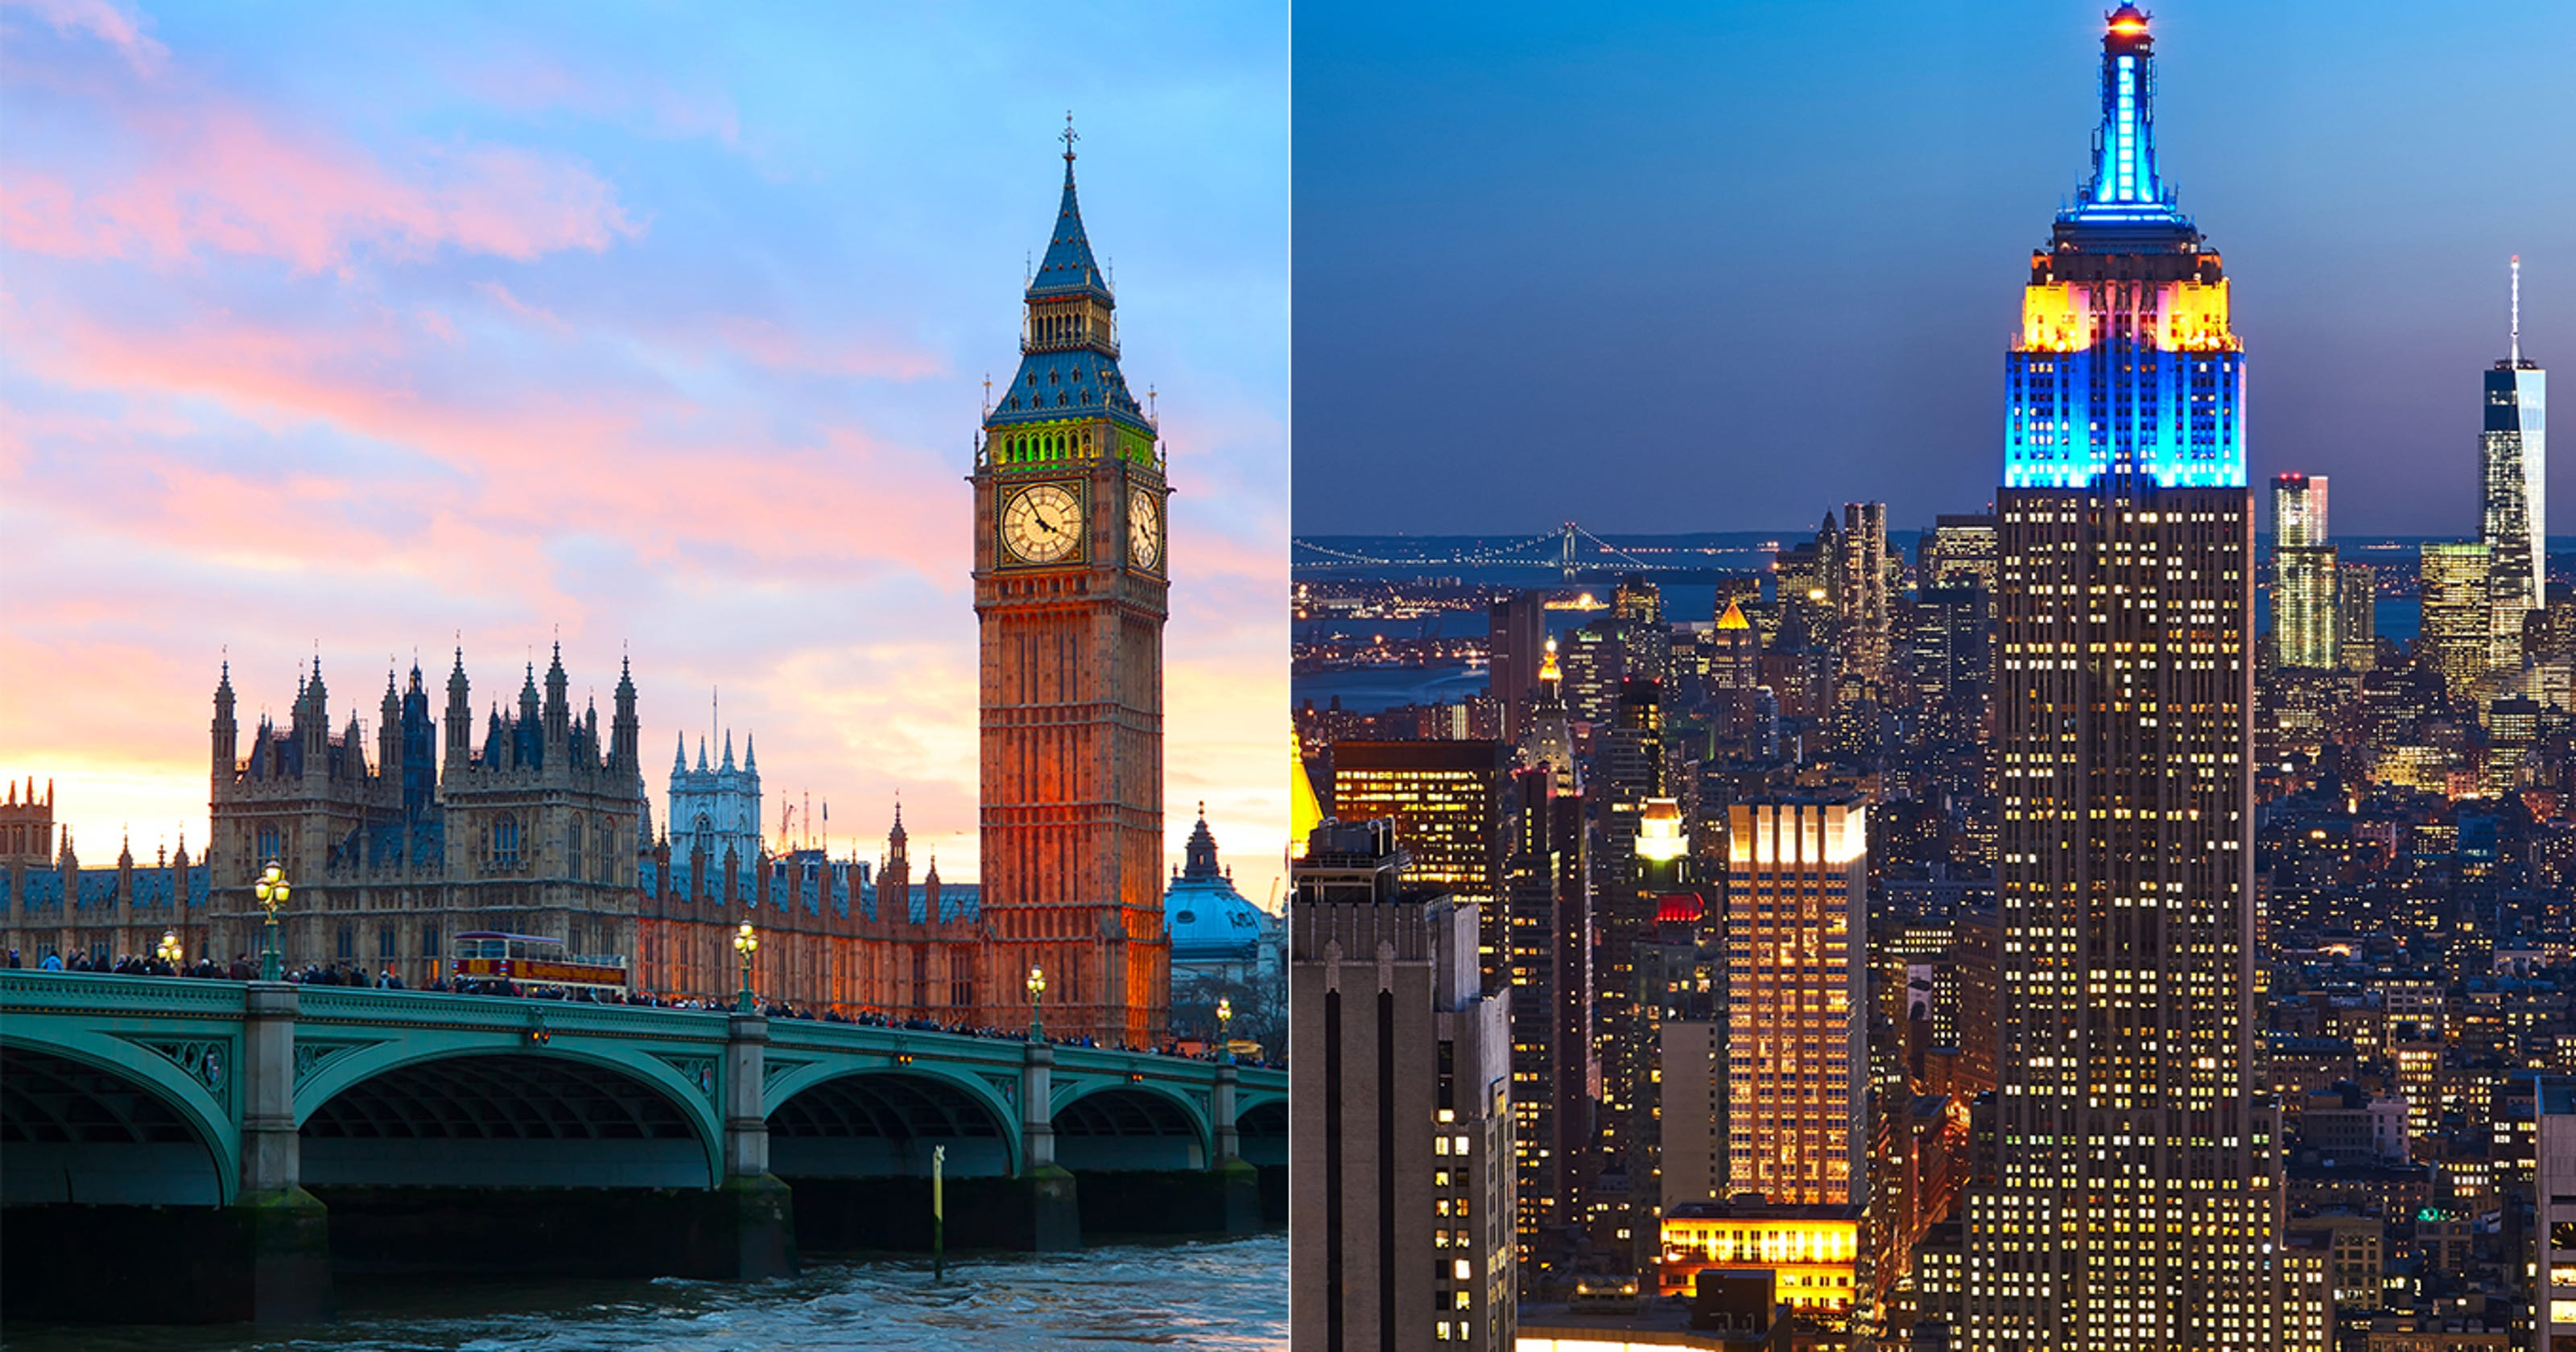 Dating in london vs new york